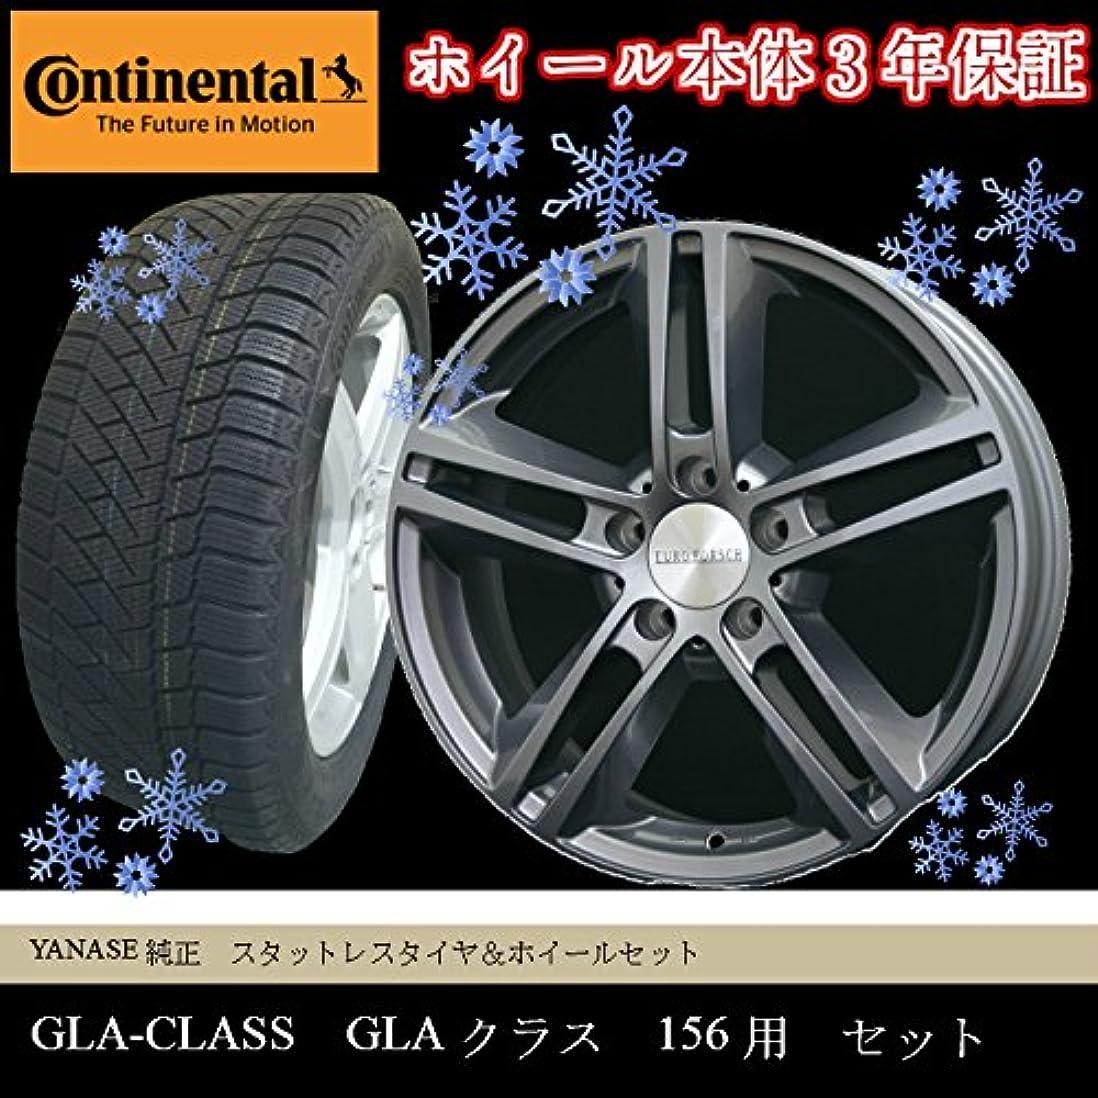 不十分ポークインタビューメルセデスベンツ GLA(156)用 スタッドレスタイヤ & ホイールセット 215/60R17 コンチネンタル 4本セット